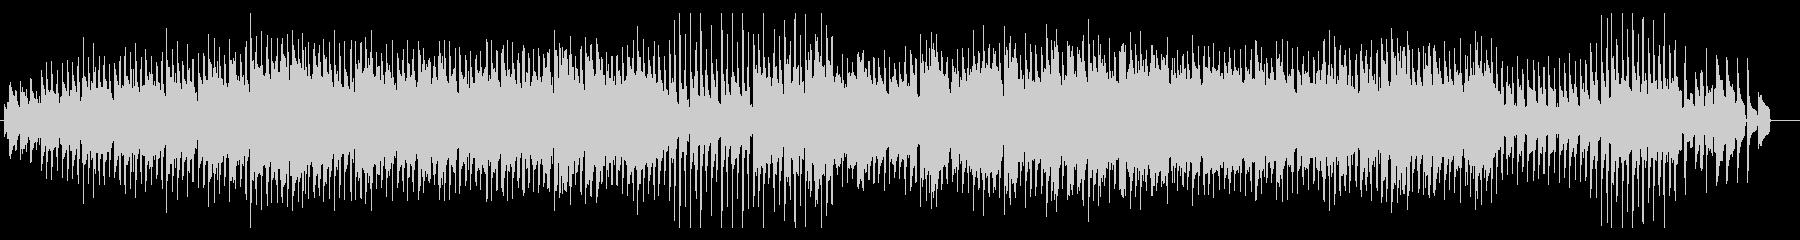 牧歌的オールドタイミー・フォーキーソングの未再生の波形